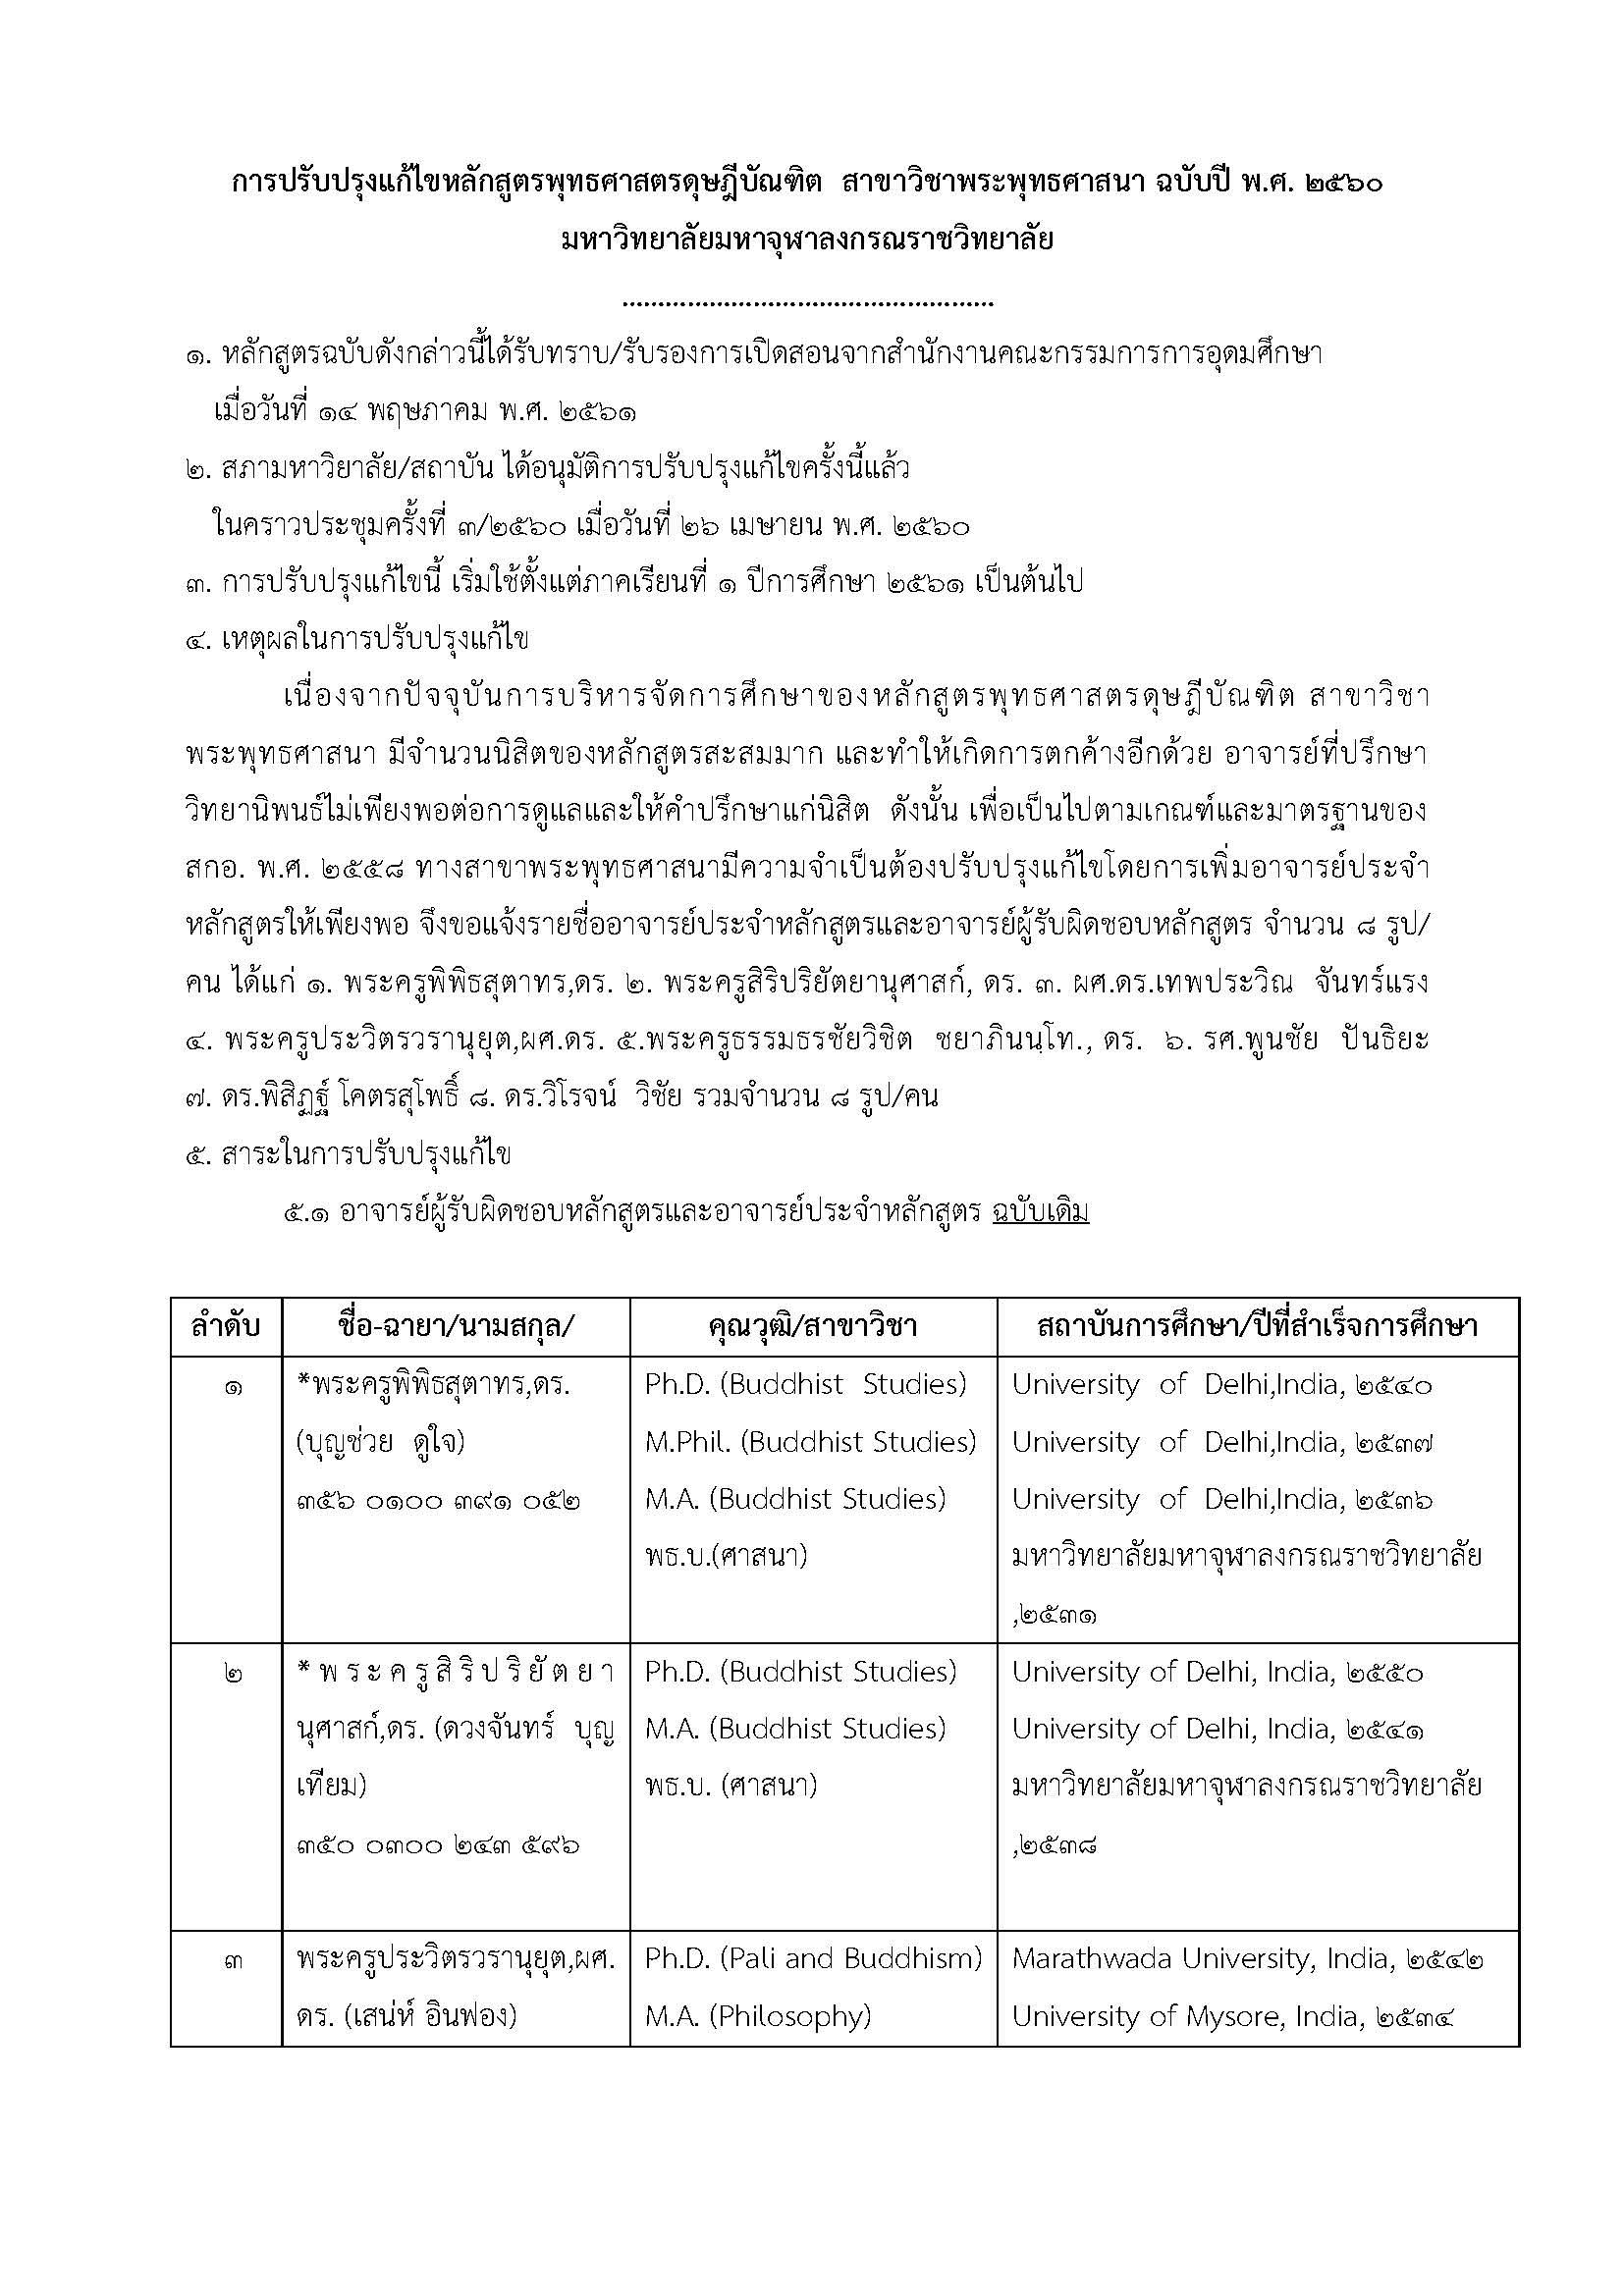 สมอ.-08-ป.เอกส่งอ.ประพันธ์_2 (1)_Page_1